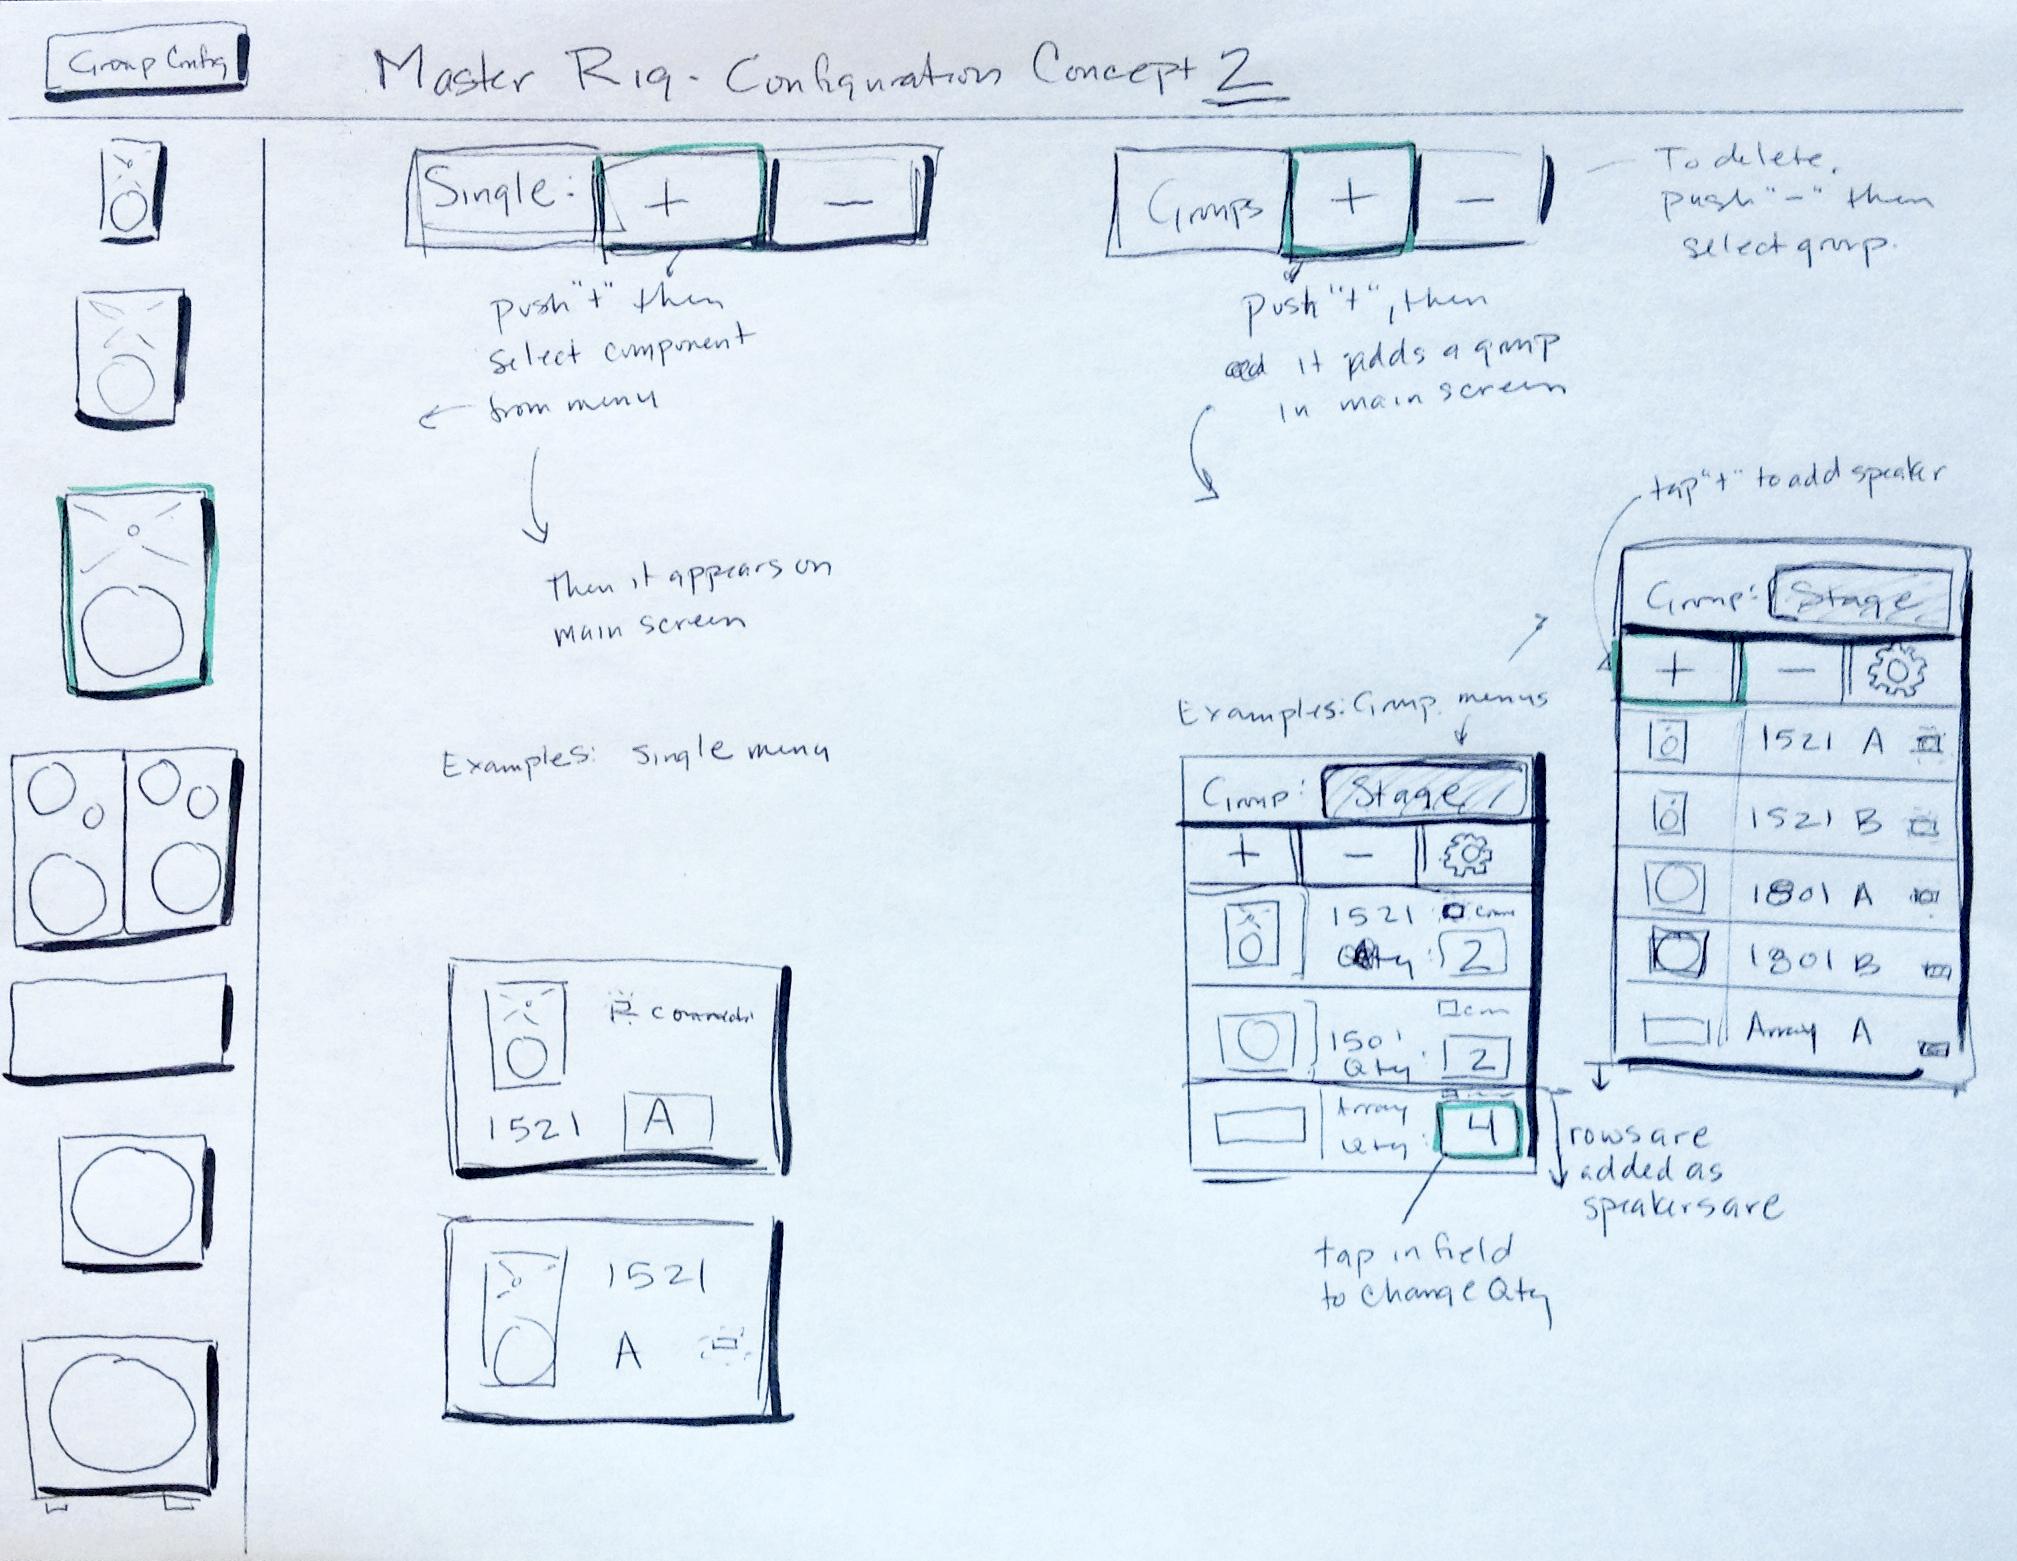 MR Concept sketch - Config concept2.jpg